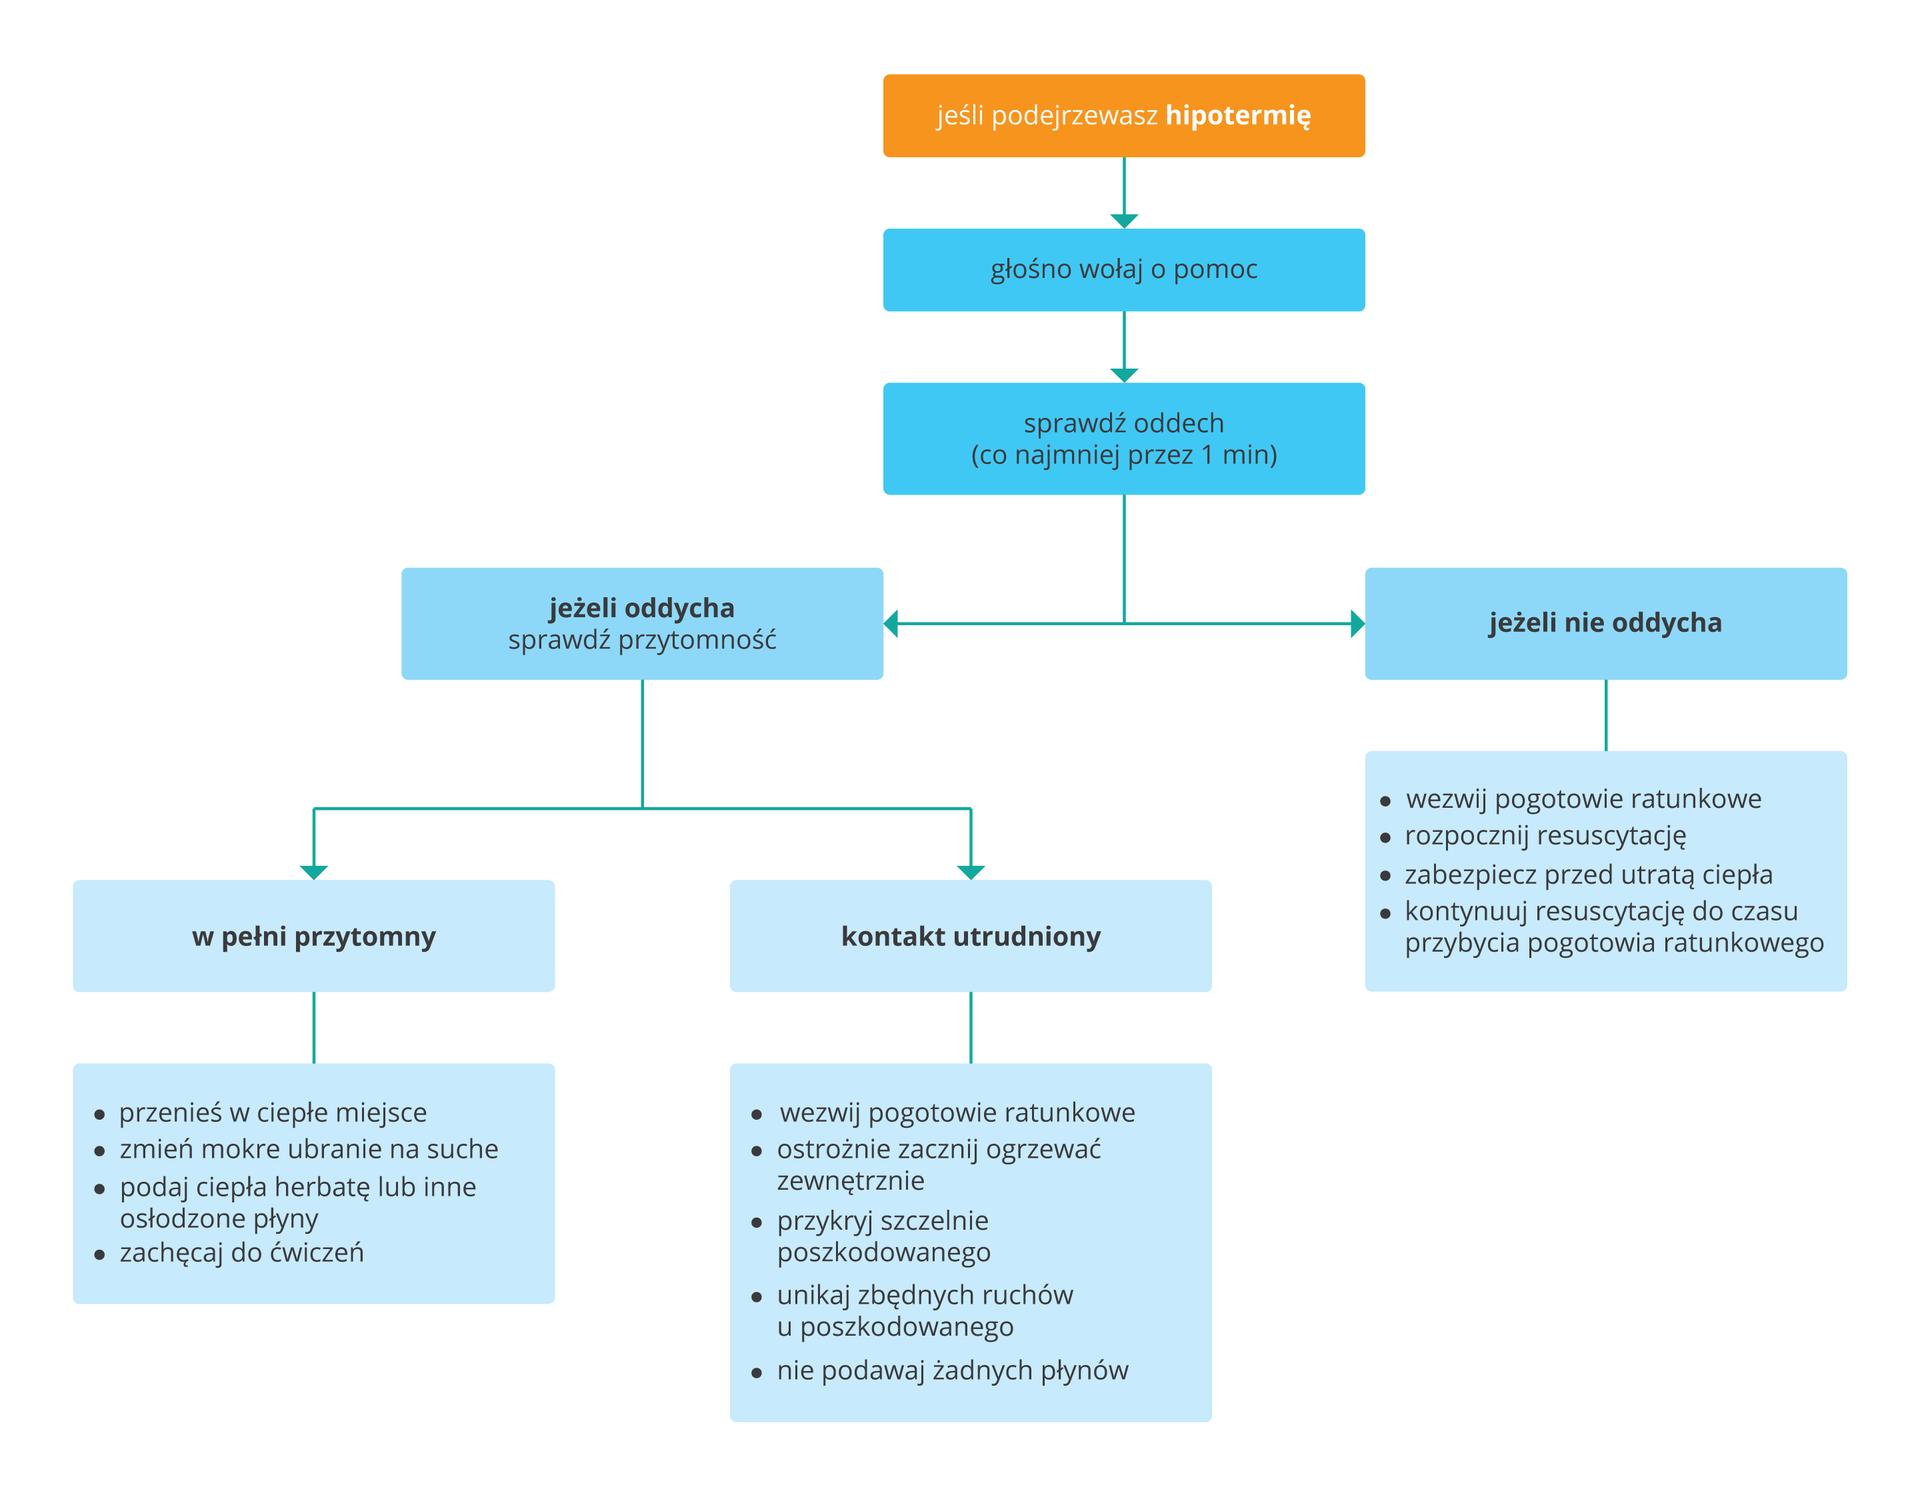 Ilustracja przedstawia diagram postępowania wprzypadku hipotermii. Diagram wformie prostokątów ułożonych jeden poniżej drugiego. Na górze diagramu prostokąt ztekstem: Jeśli podejrzewasz hipotermię. Poniżej drugi prostokąt: głośno wołaj opomoc, sprawdź oddech. Poniżej drugiego prostokąta podział na dwie kolumny, po lewej informacja: jeżeli oddycha sprawdź przytomność. Podział na dwie podgrupy: po lewej – wpełni przytomny; po prawej, kontakt utrudniony. Dodatkowo zprawej strony umieszczono radę: Jeżeli nie oddycha.